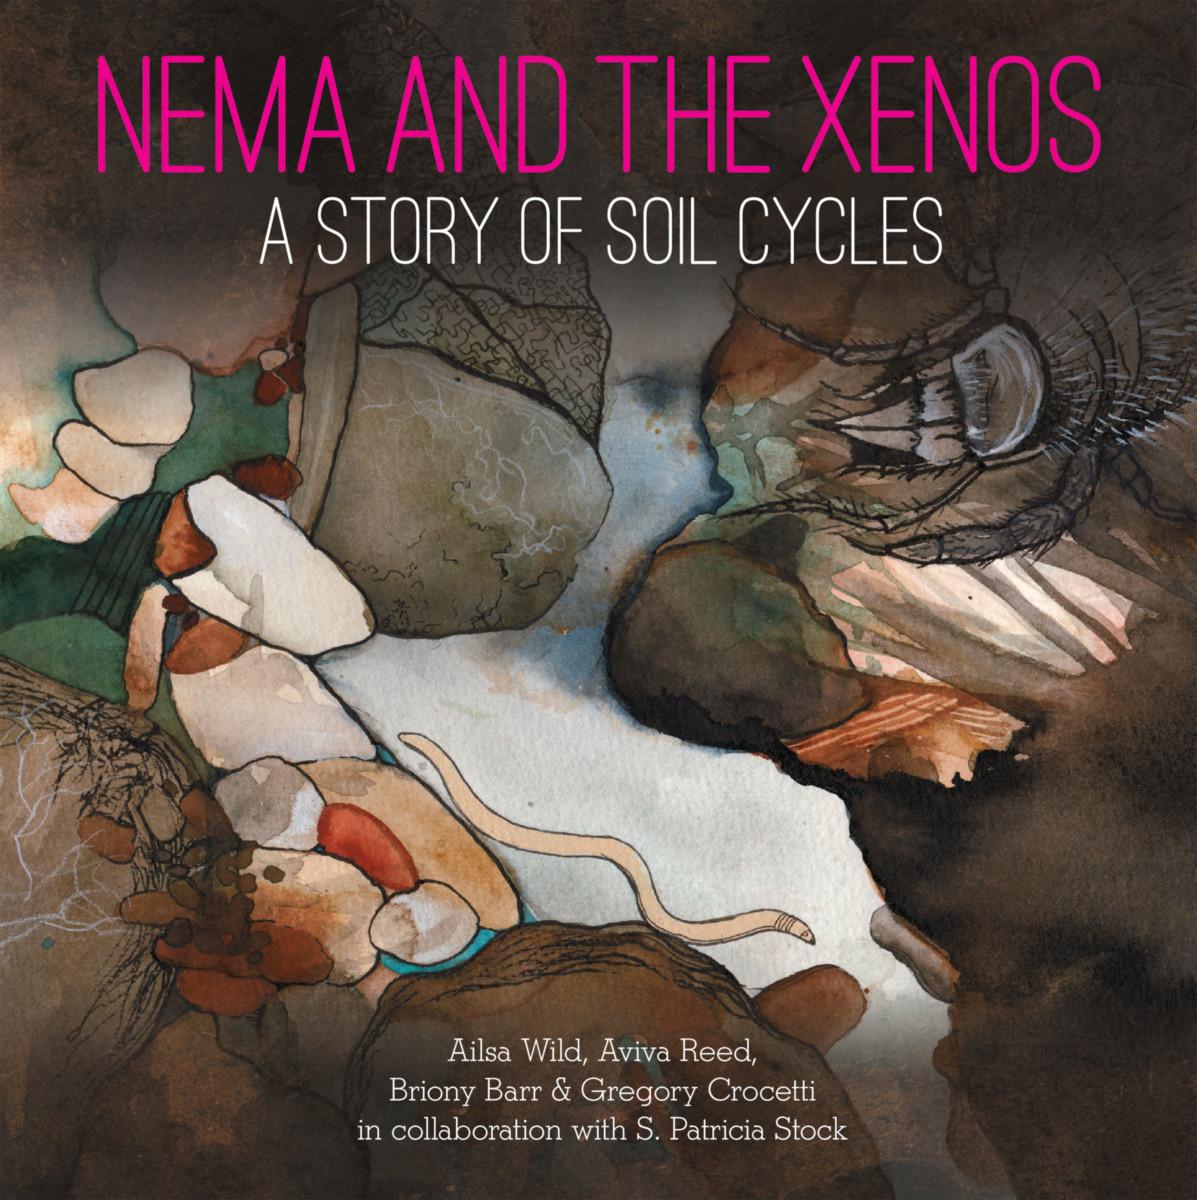 Nema and the Xenos